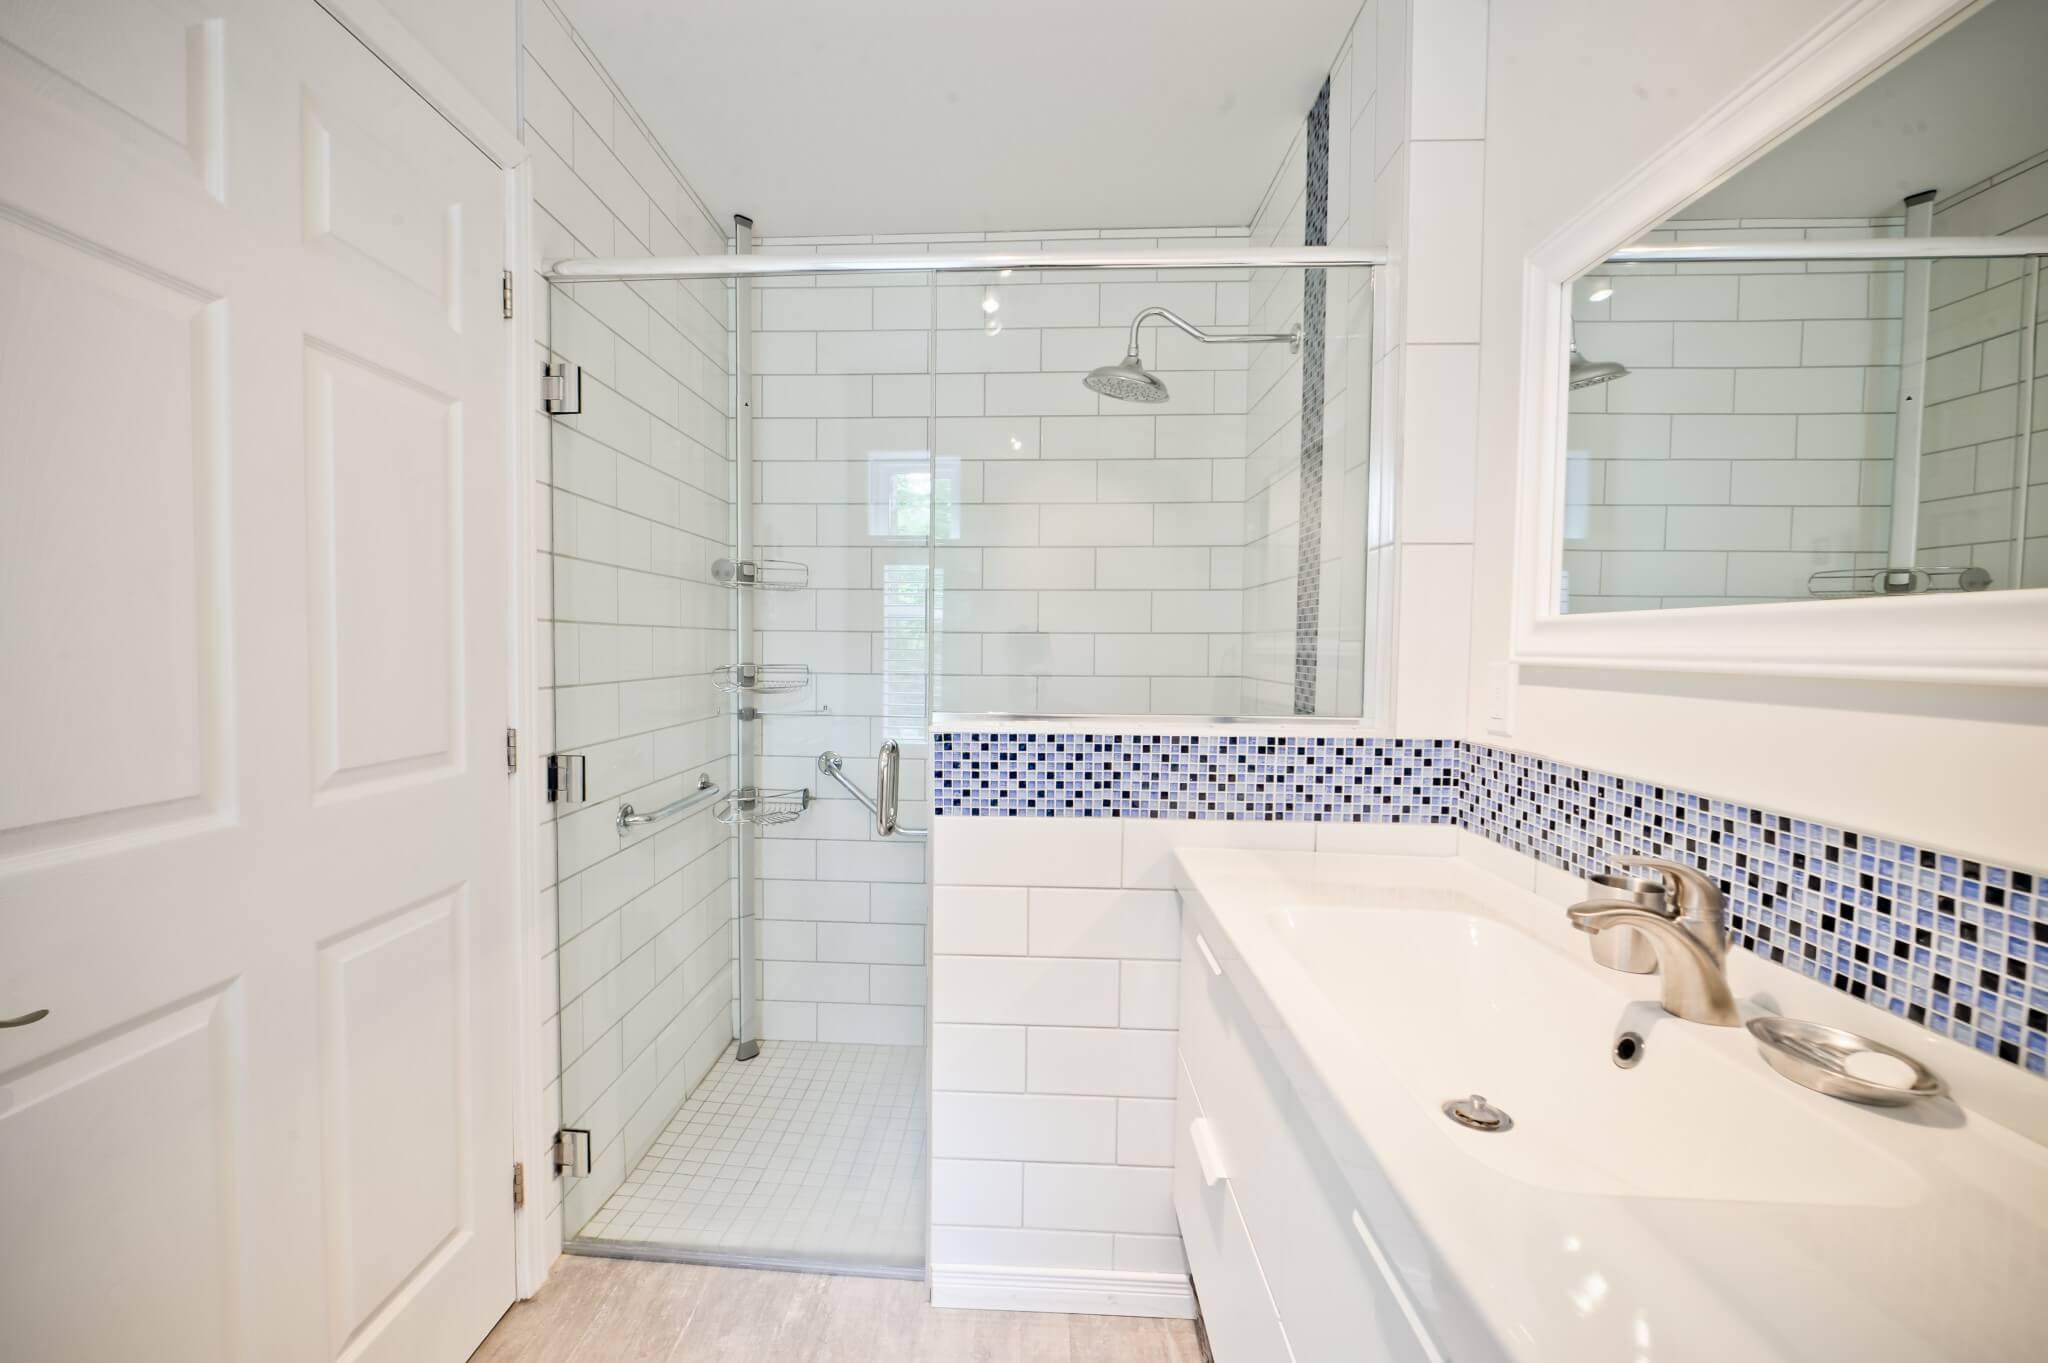 salle de bain maison intergenerationnelle